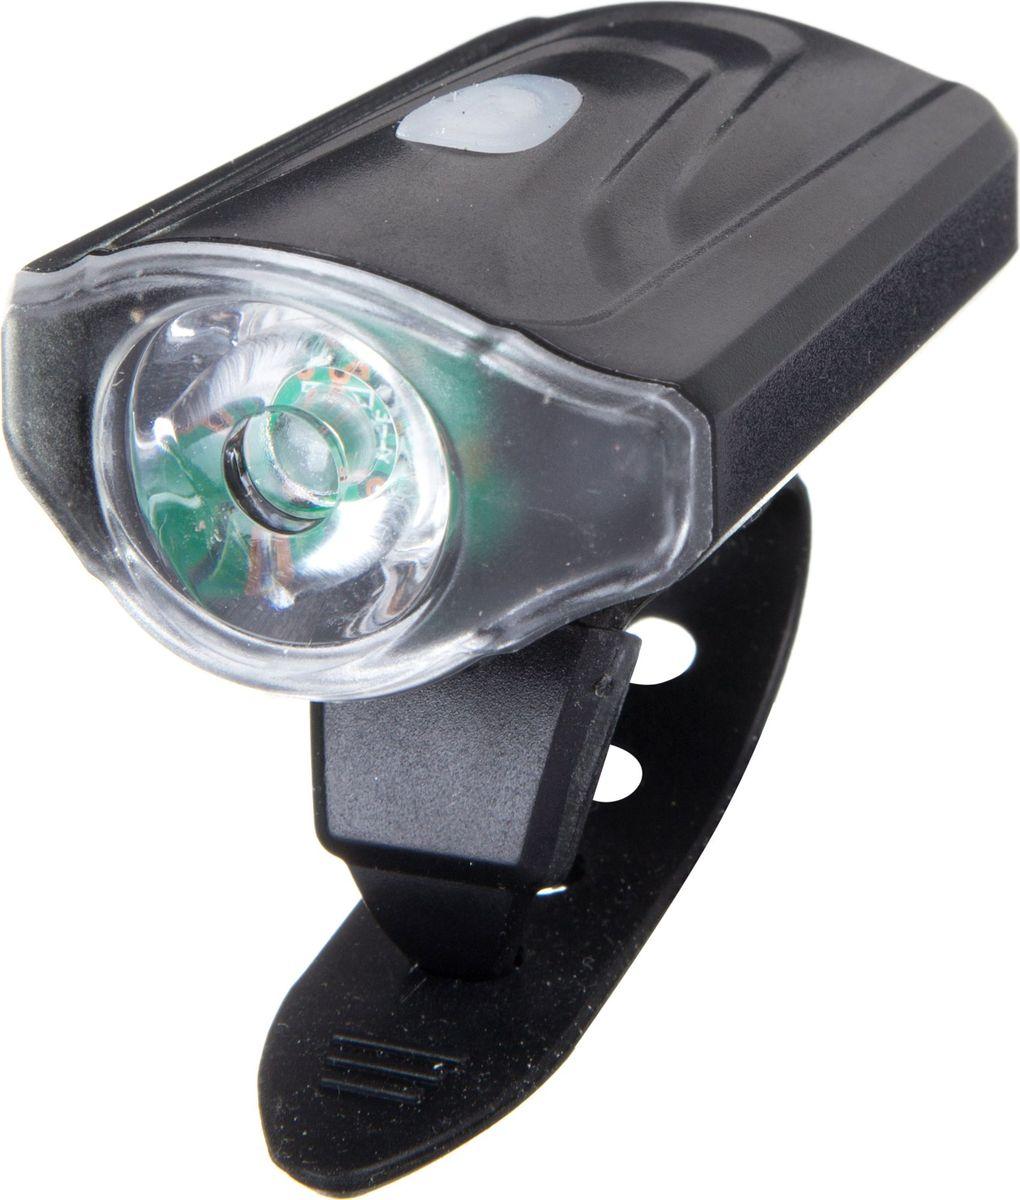 Фонарь велосипедный STG JY7043, передний, USB, 3.7V/550mAhMW-1462-01-SR серебристыйЛегкий и компактный передний фонарь с USB зарядкой. Экономичное потребление энергии для долгой работы. Встроенный аккумулятор 3.7V/550mAh.